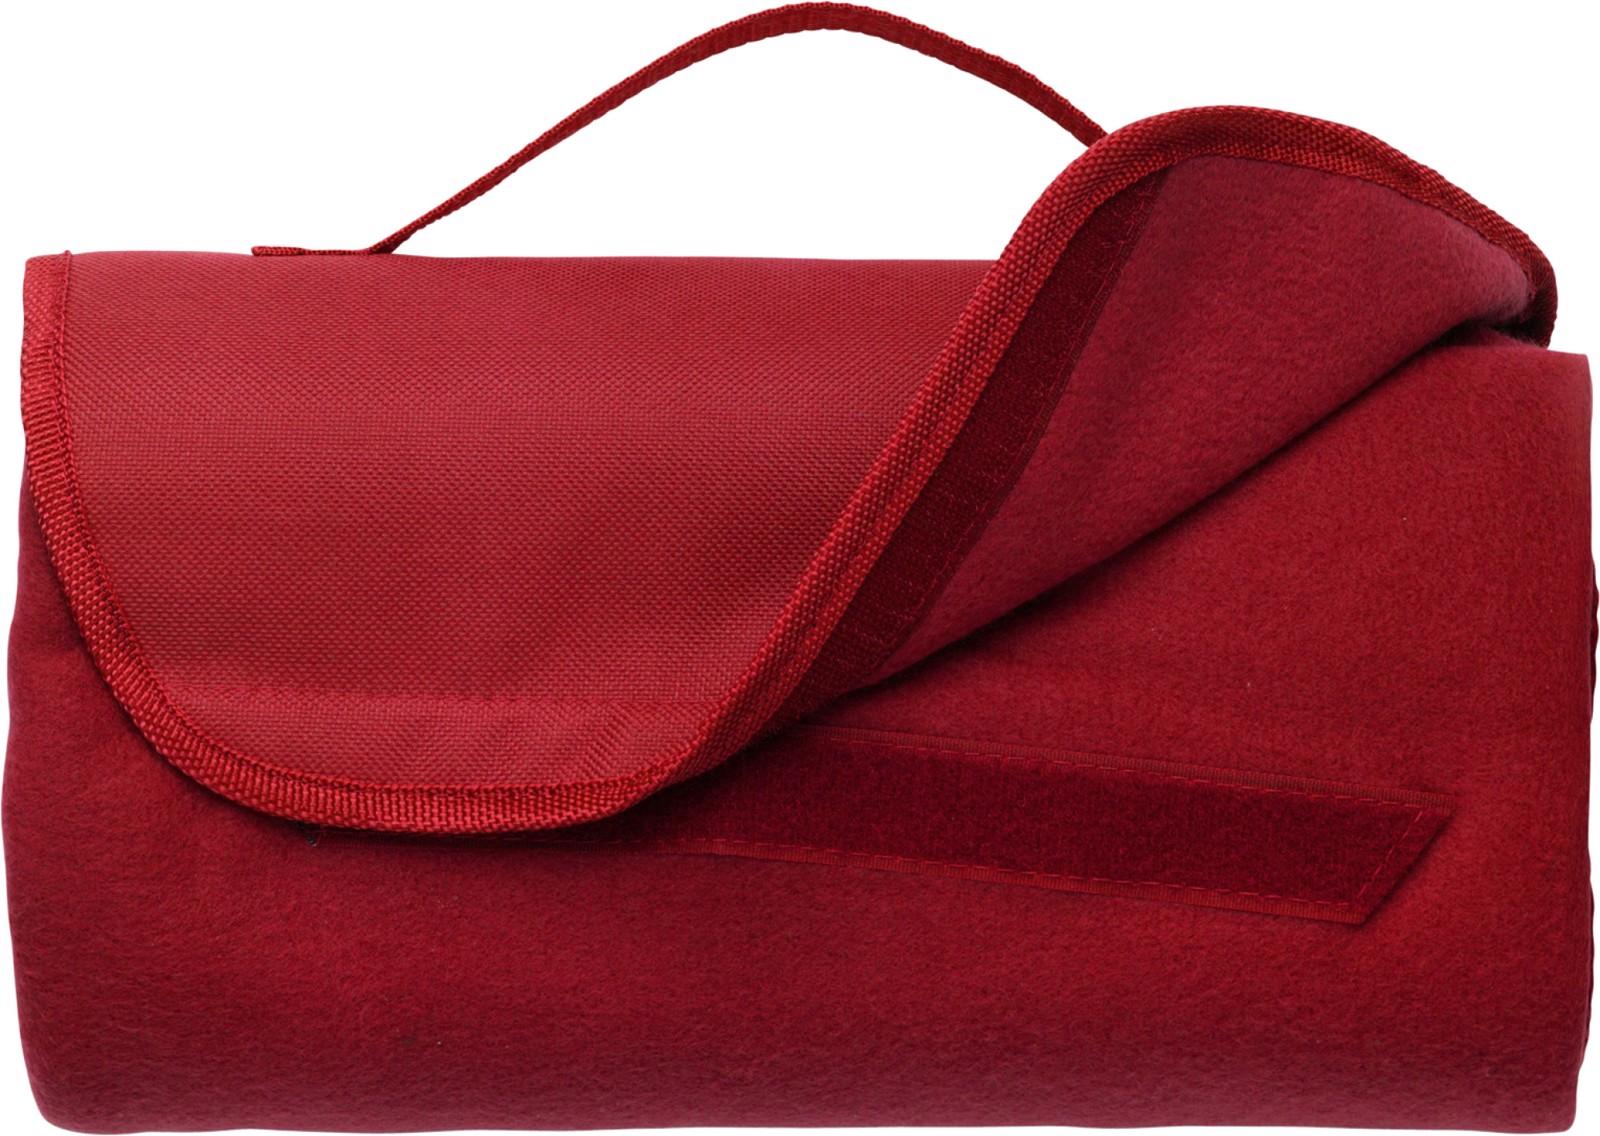 Fleece (165 g/m²) travel blanket - Red